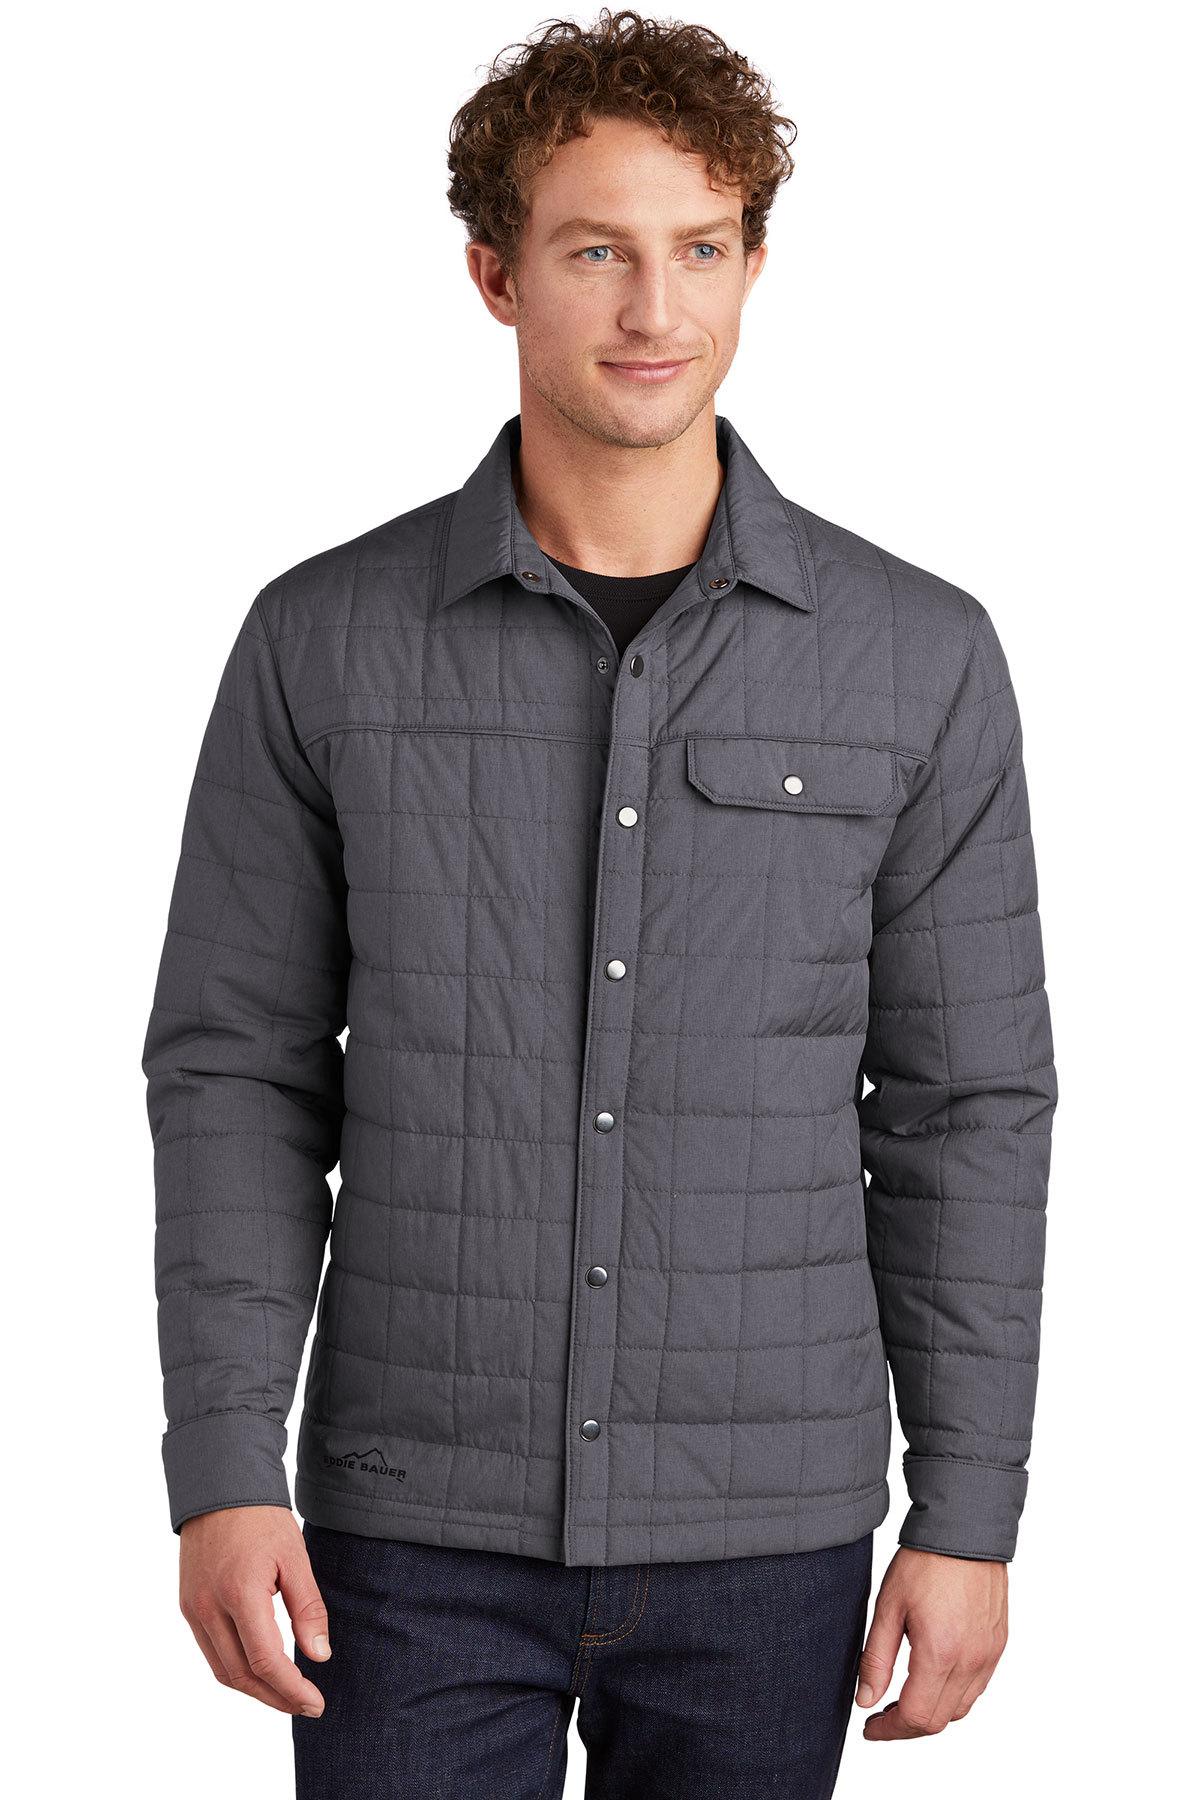 Eddie Bauer EB502 - Shirt Jacket